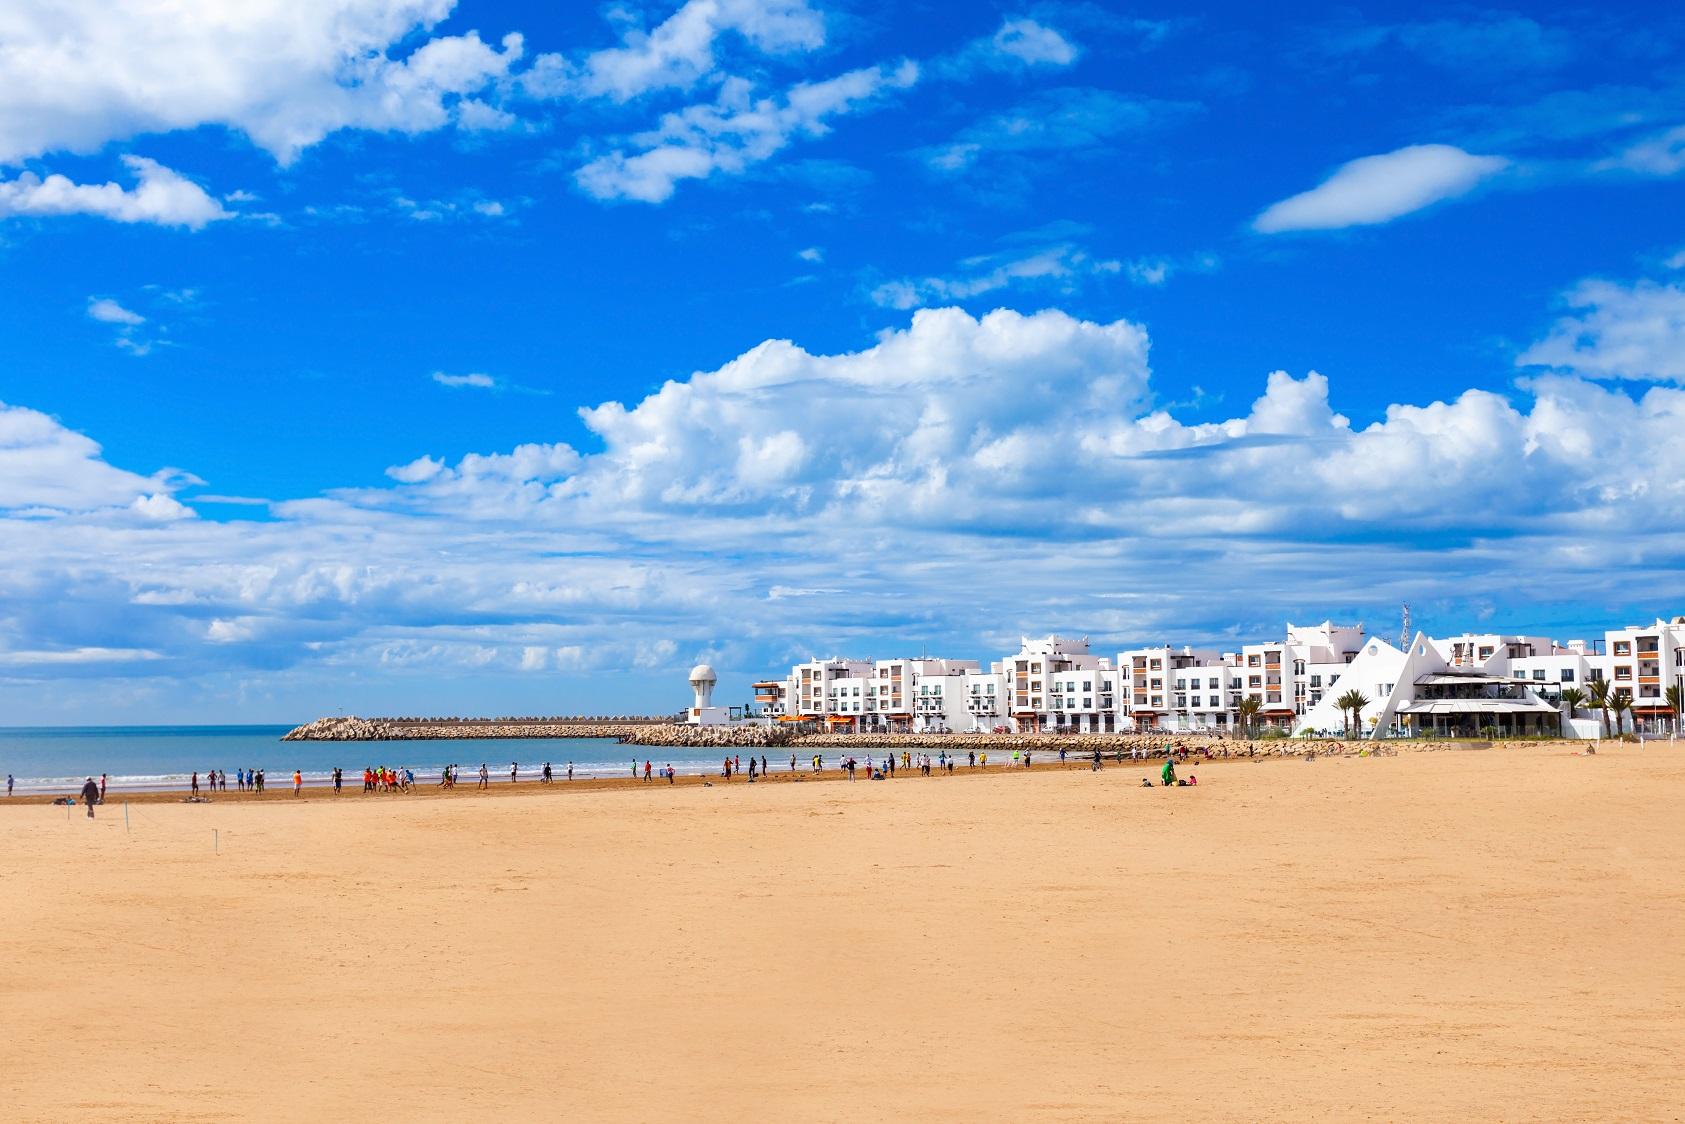 Plaża Maroko